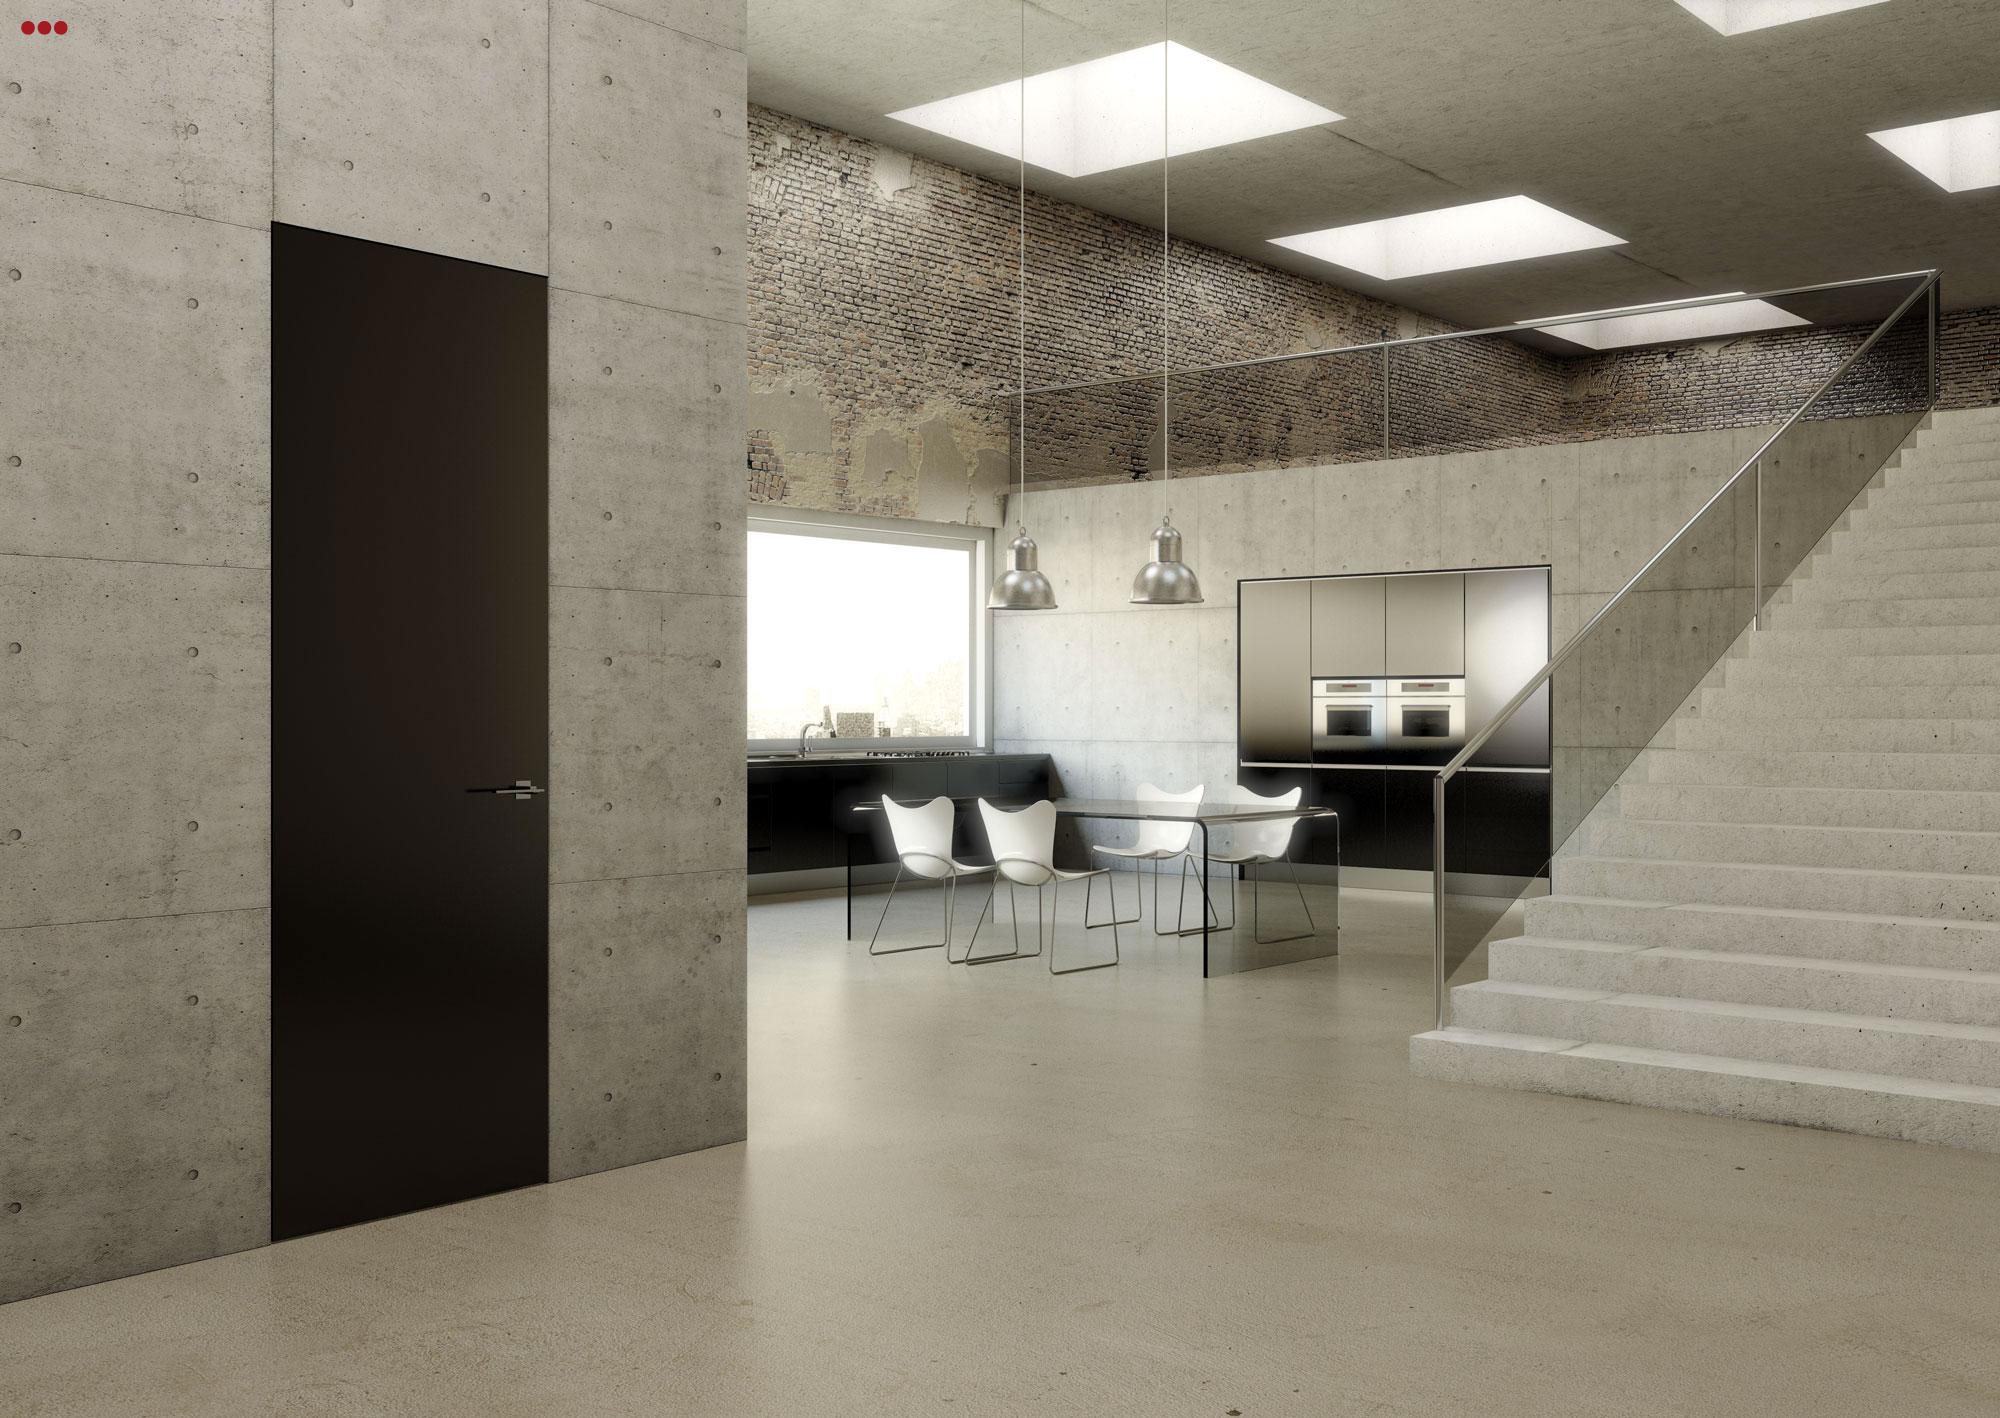 Studio Bartolini Morciano di Romagna catalogo Mito Filomuro rendering modeling 3D 5